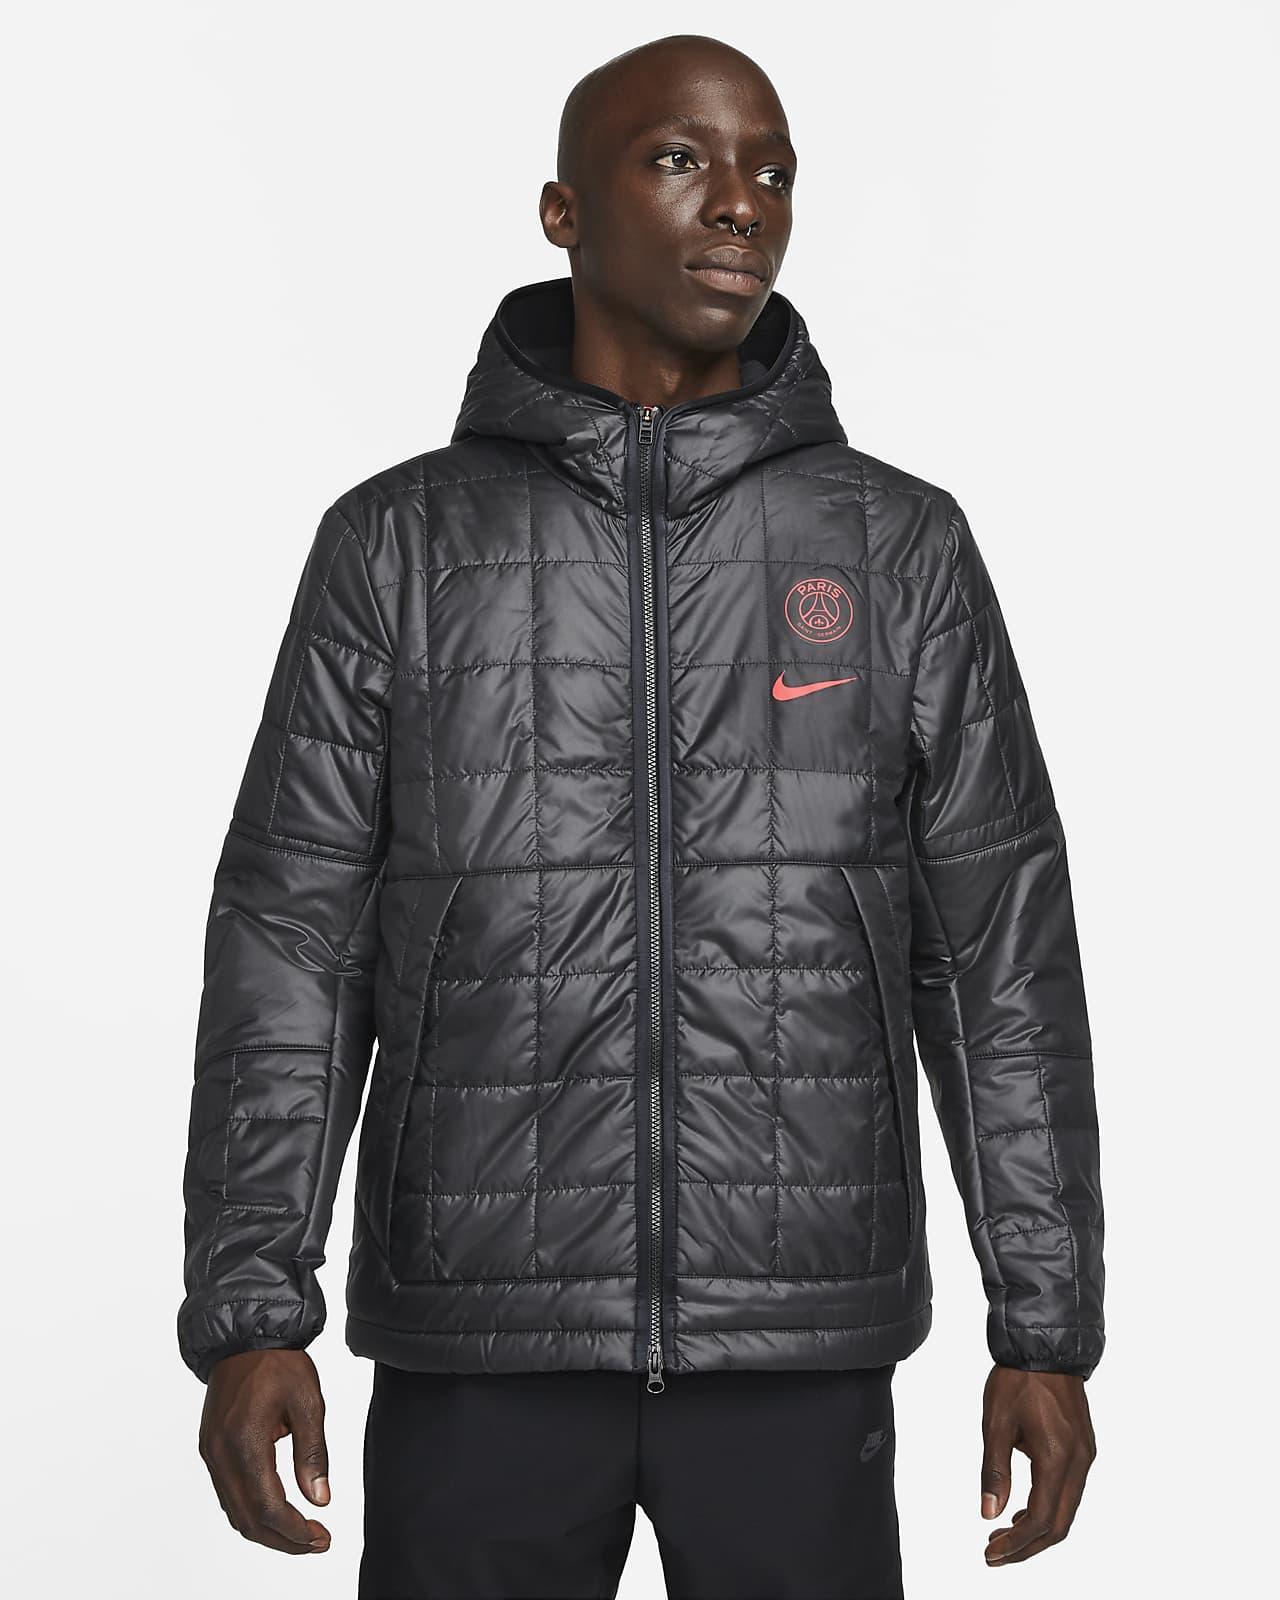 Veste en tissu Fleece Paris Saint-Germain Synthetic-Fill pour Homme